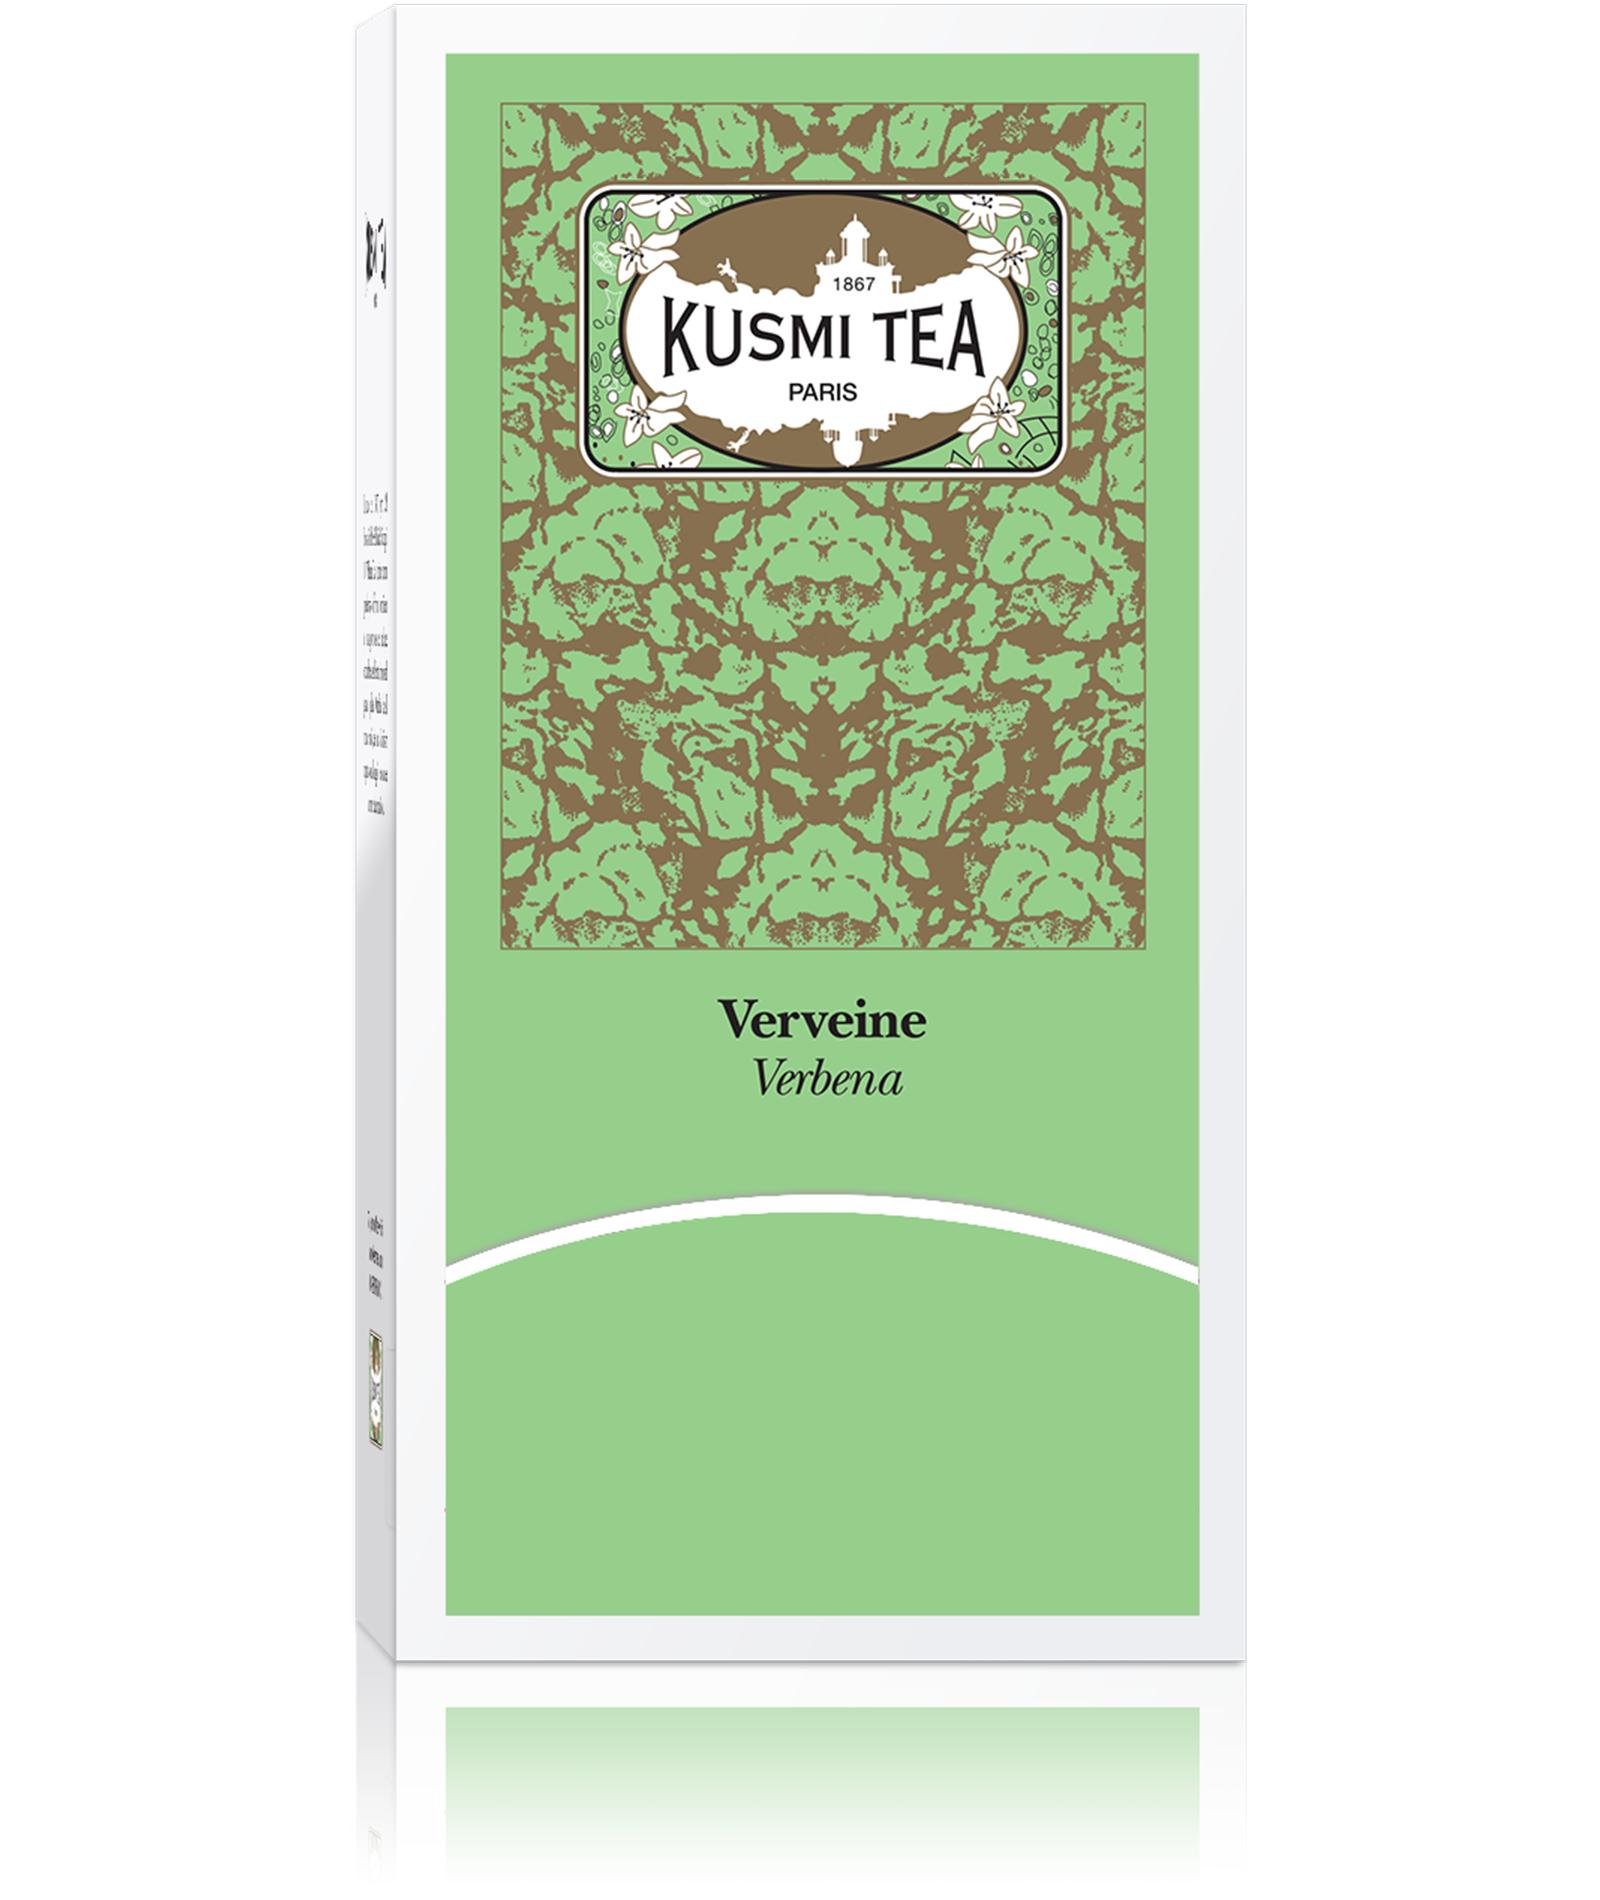 KUSMI TEA Verveine Kusmi Tea